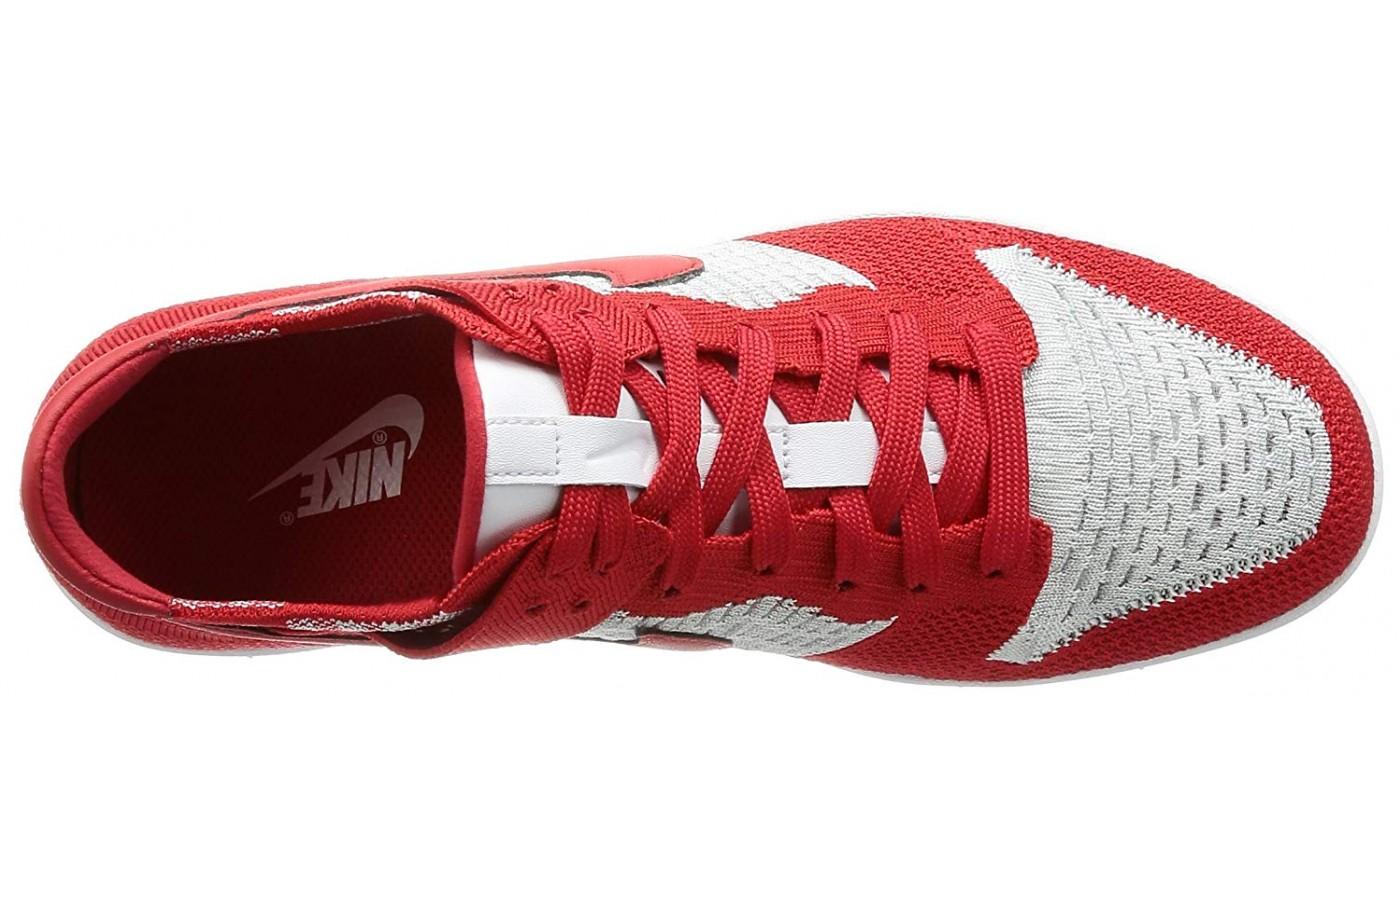 Nike Dunk Flyknit upper